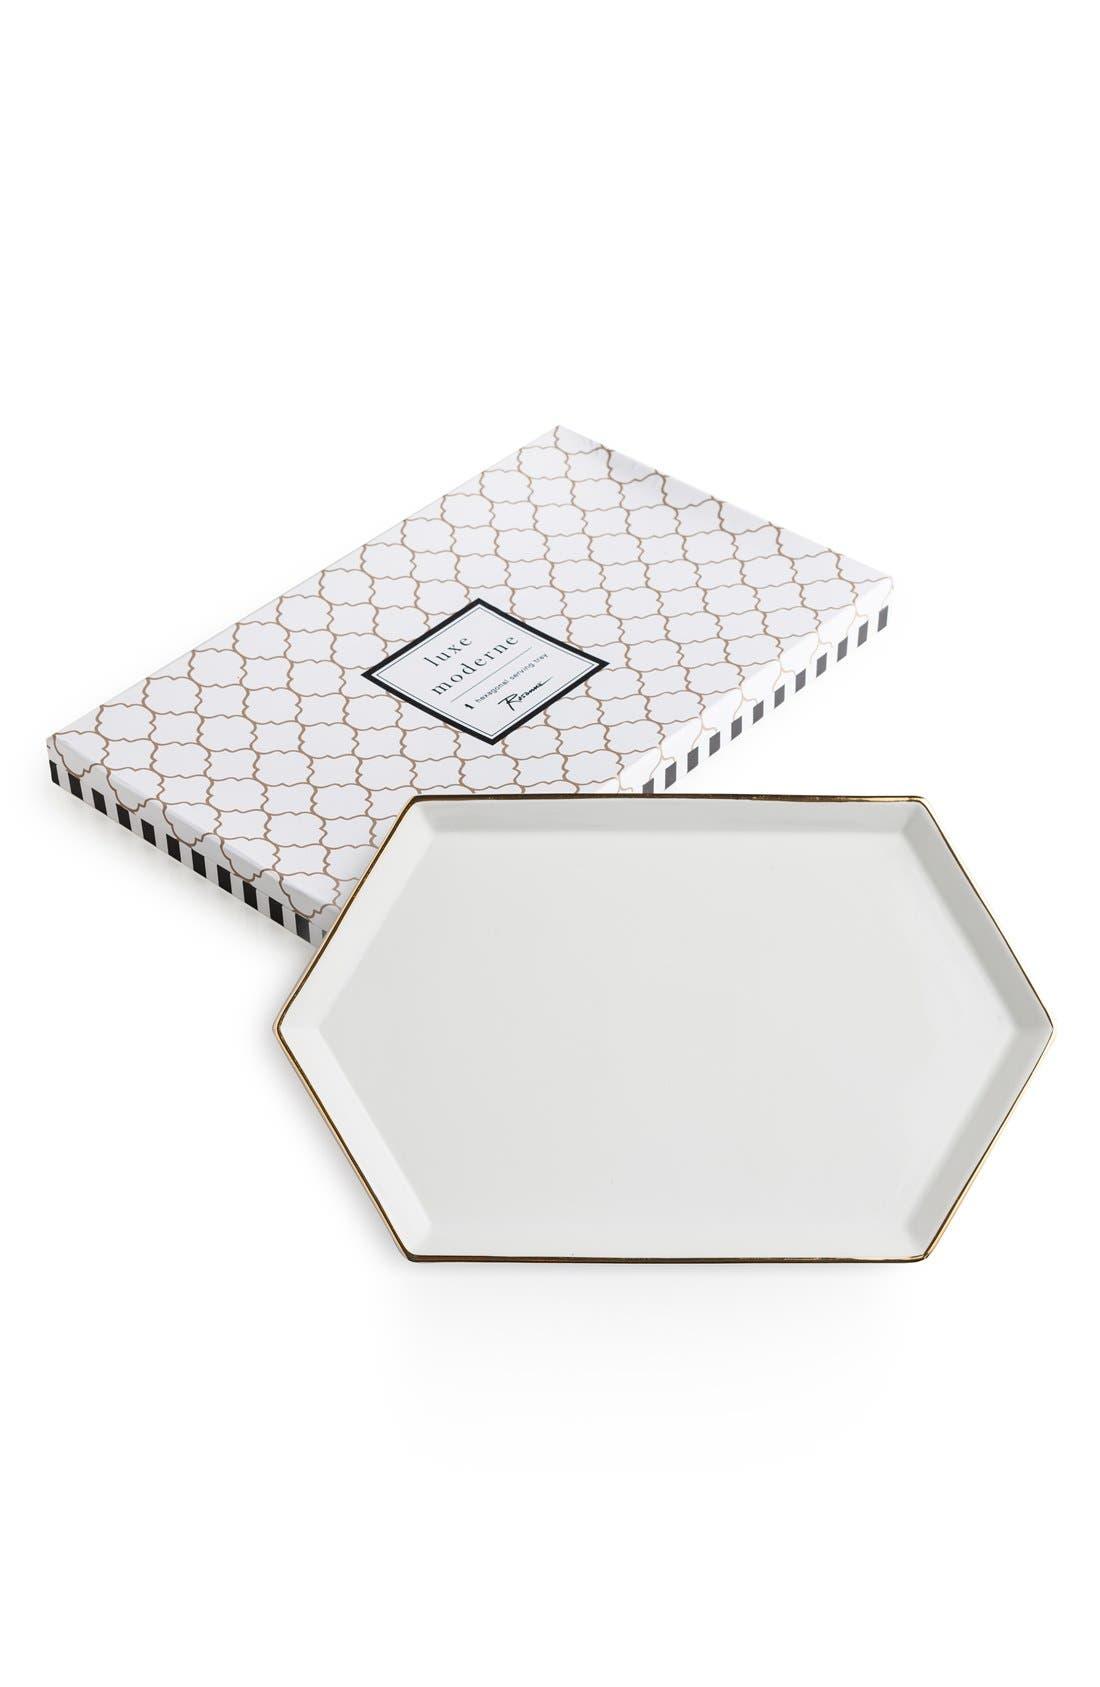 Rosanna 'Luxe Moderne' Hexagonal Tray